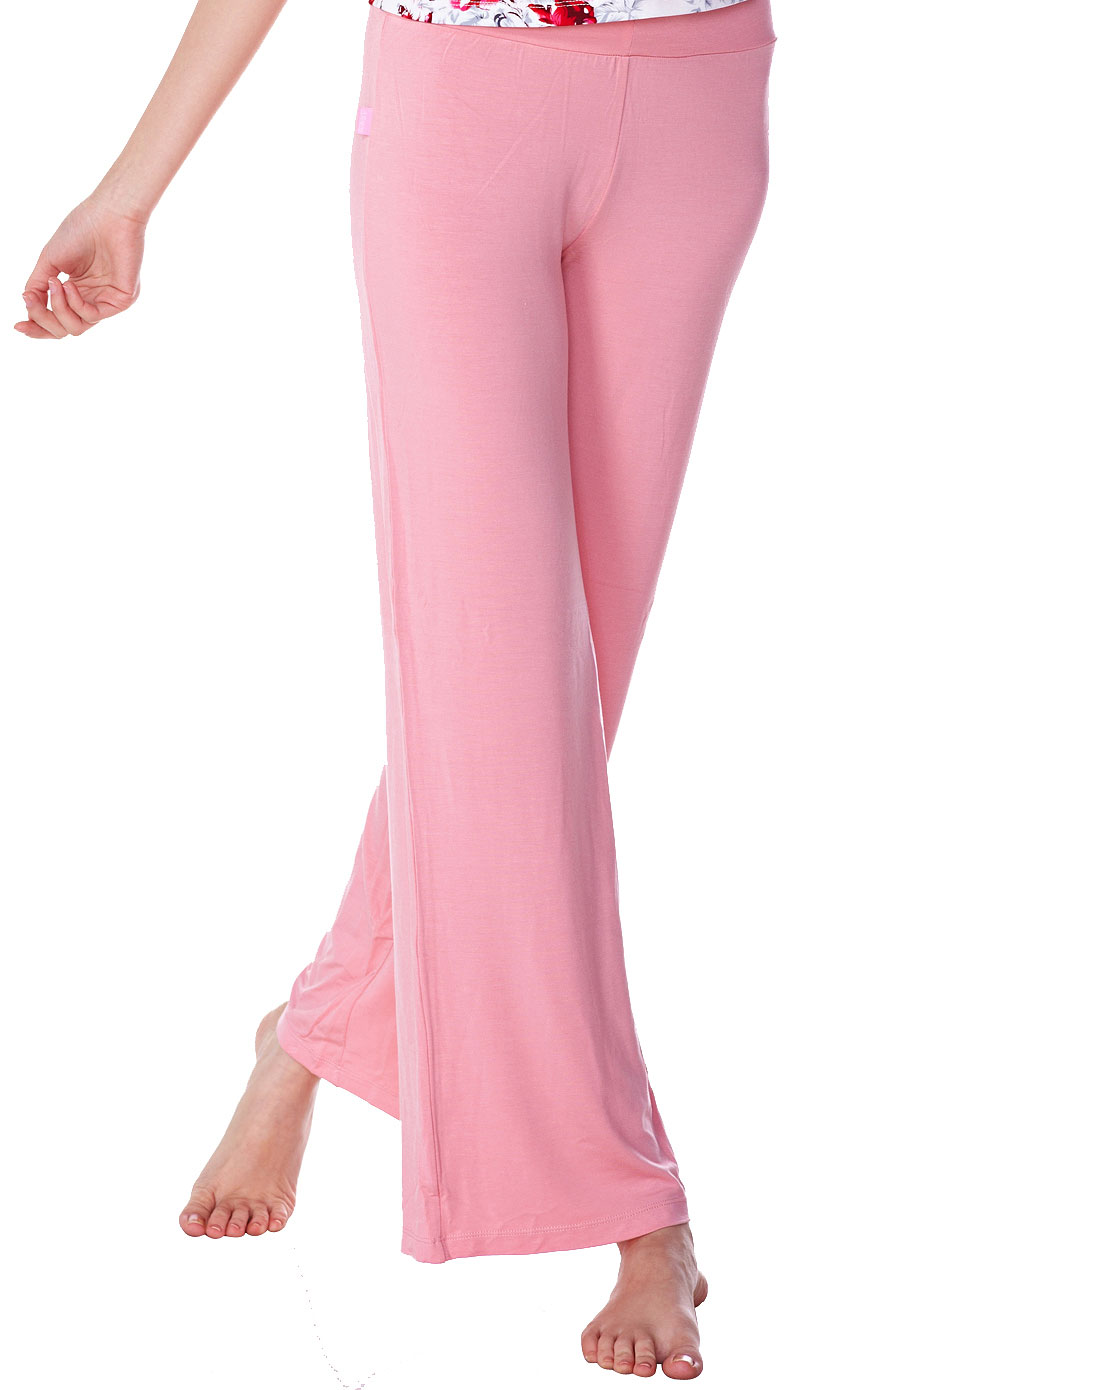 远阳瑜伽肉粉色瑜伽服裤子p167y-23